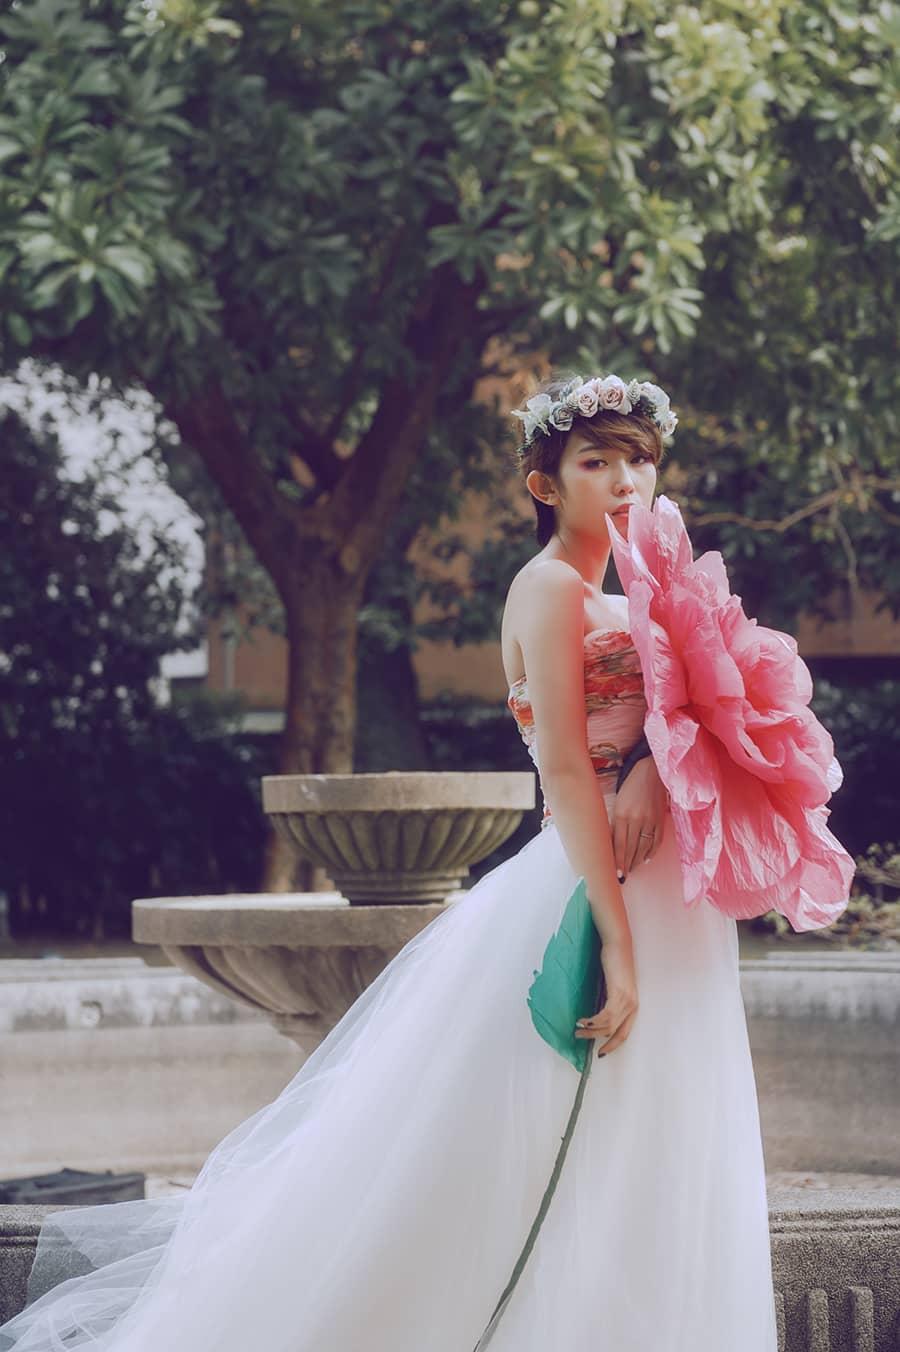 手作紙花,創意捧花,巨型紙玫瑰,紙花,夢幻大紙花,大紙花,巨型紙花,巨型紙花婚紗,自助婚紗,婚紗工作室,Apple face臉紅紅攝影,童話新娘